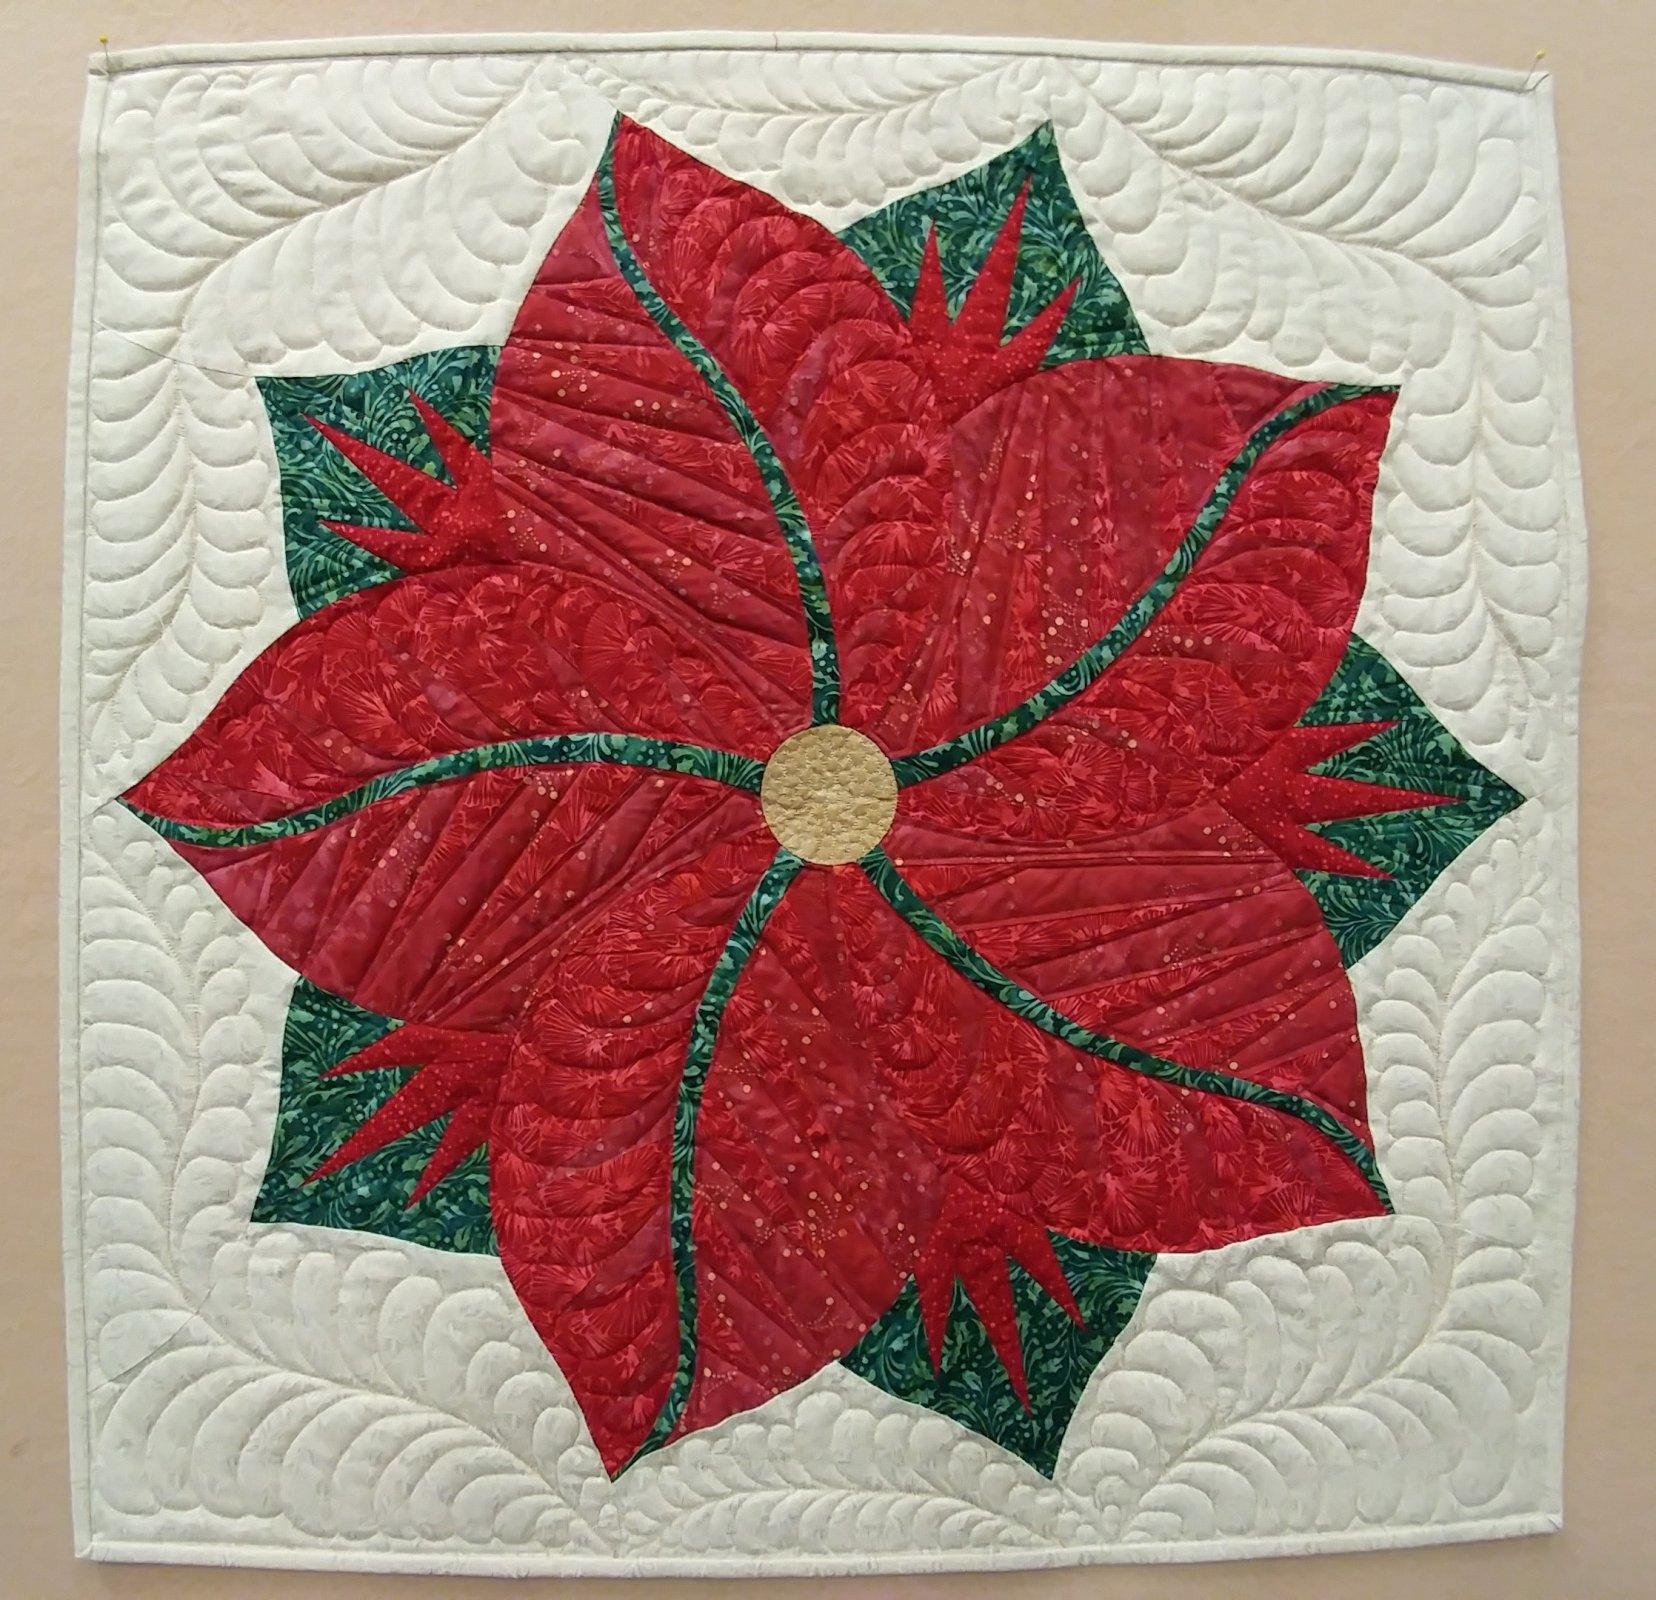 Poinsettia Table Topper Kit - 30 diameter